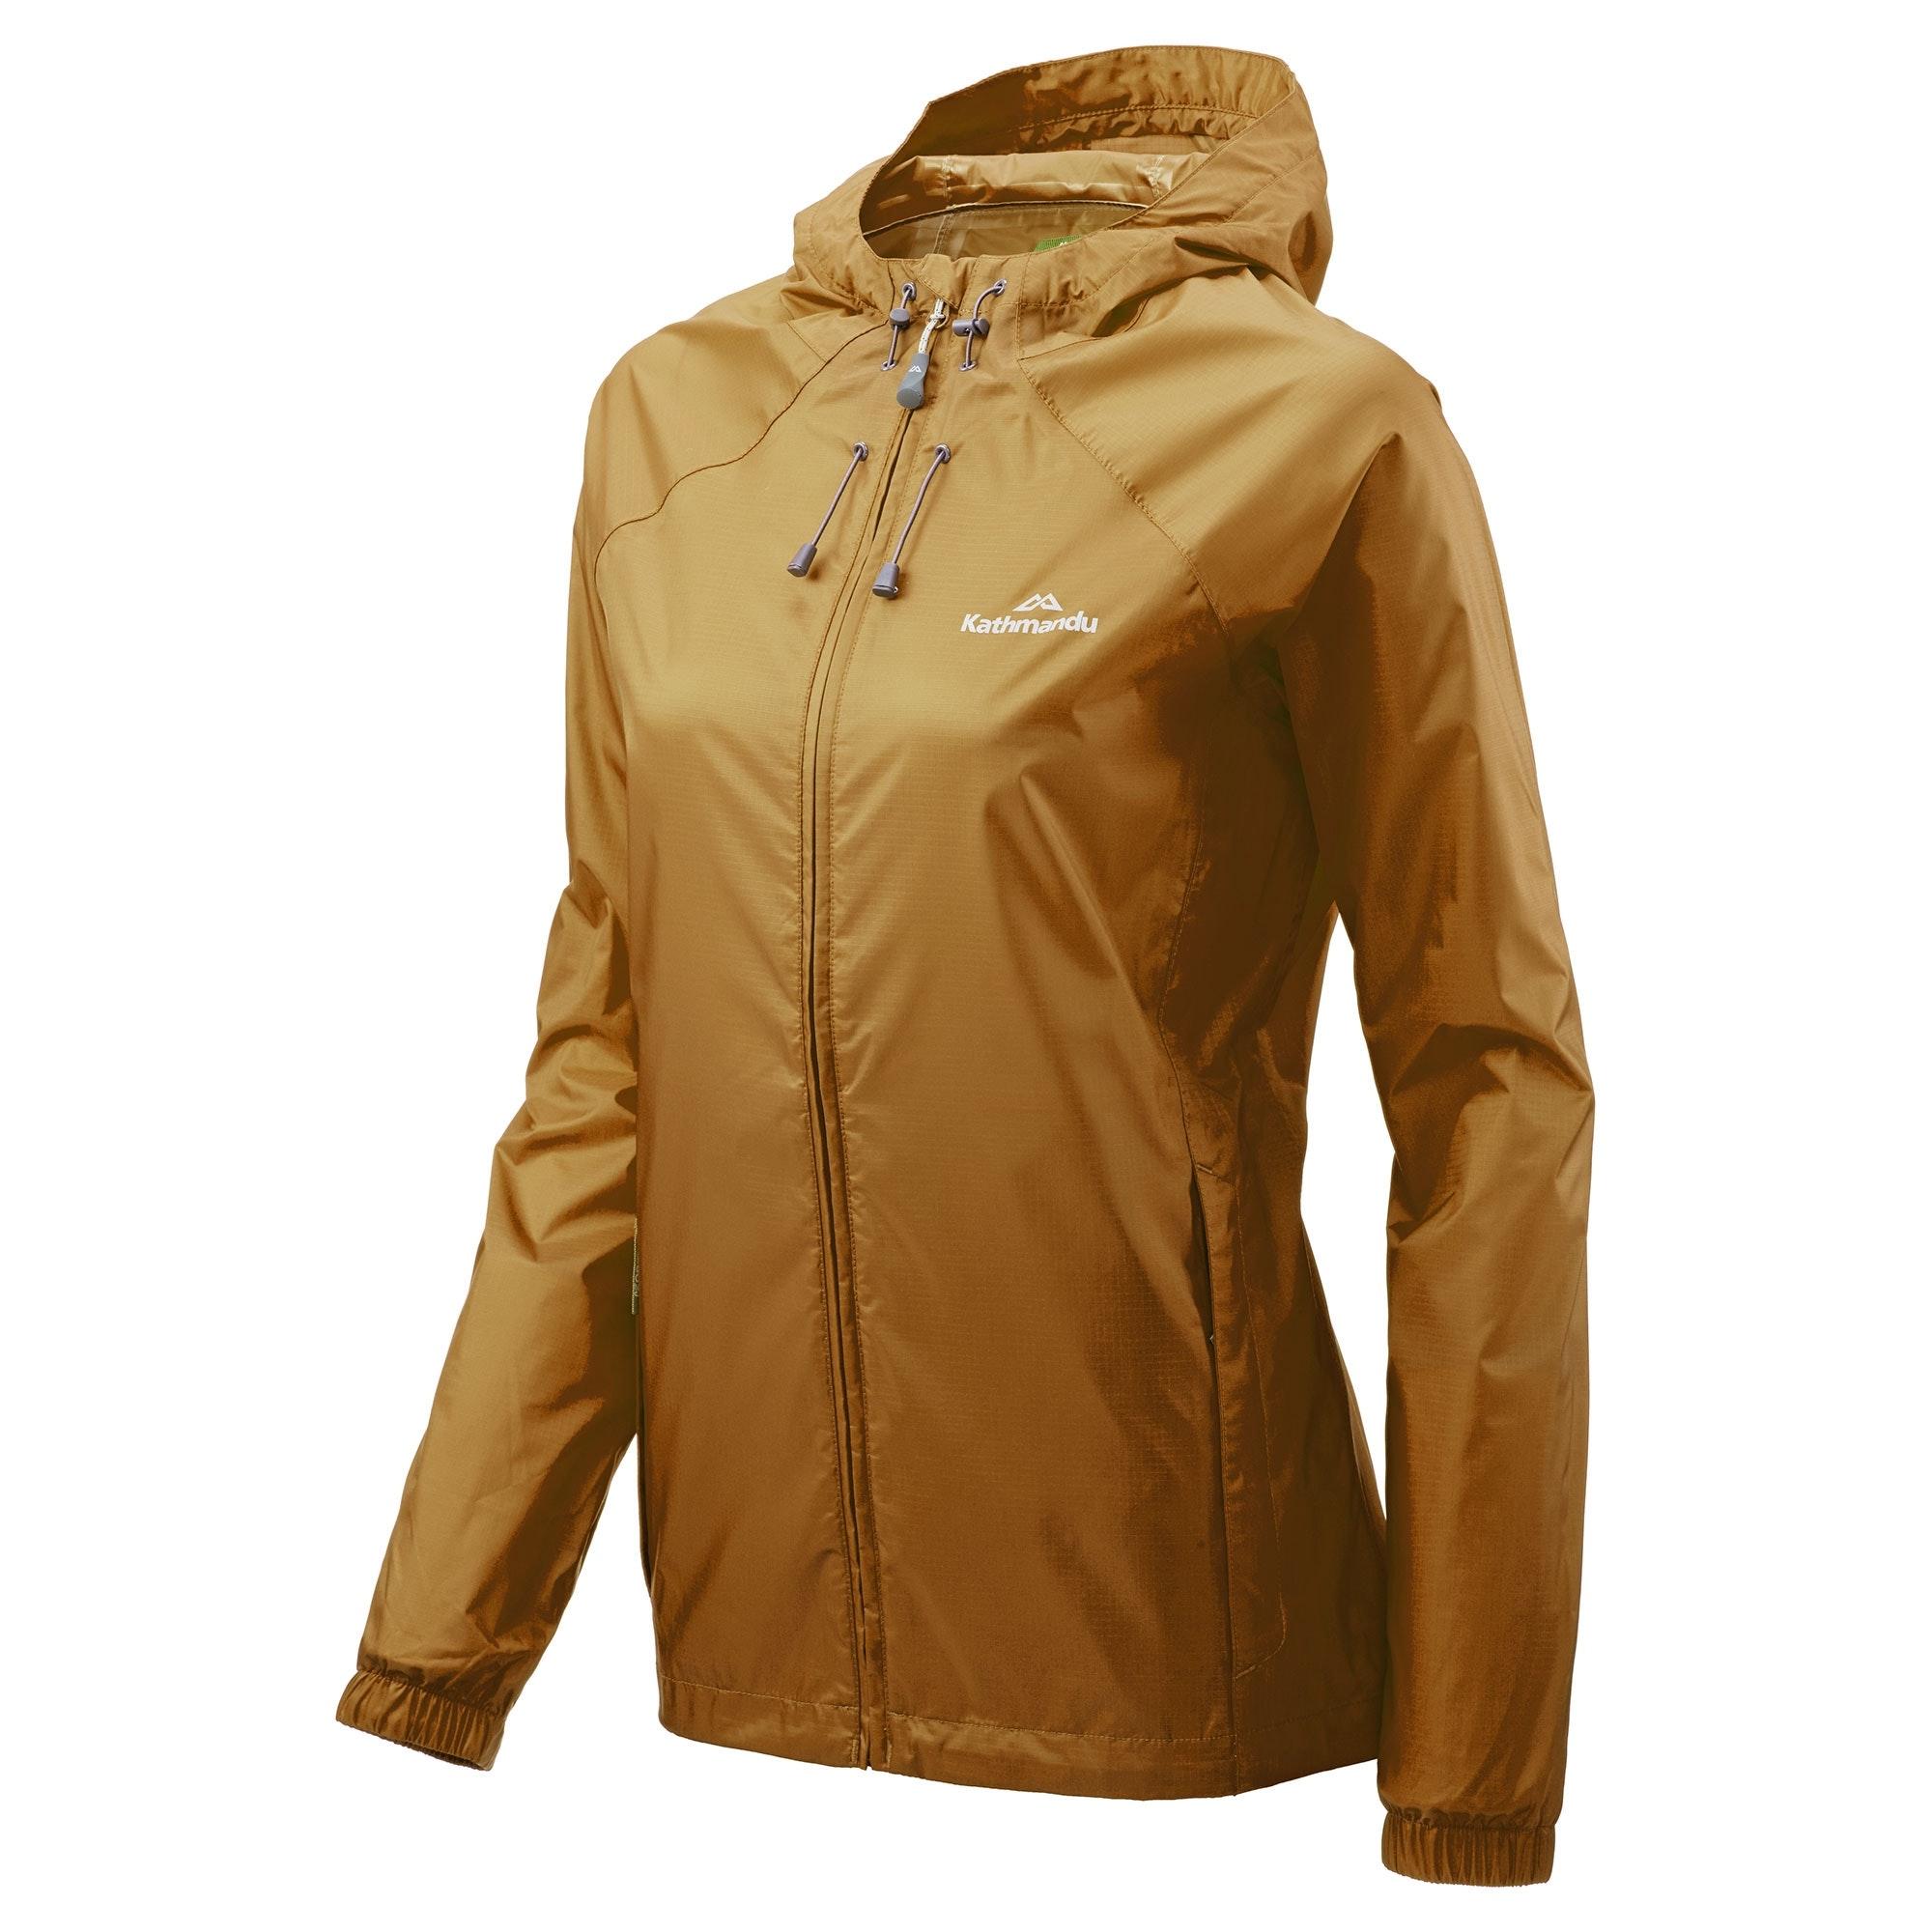 05ff8d2e38c7 Kathmandu Pocket-it Women s Hooded Water Resistant Packaway Light ...